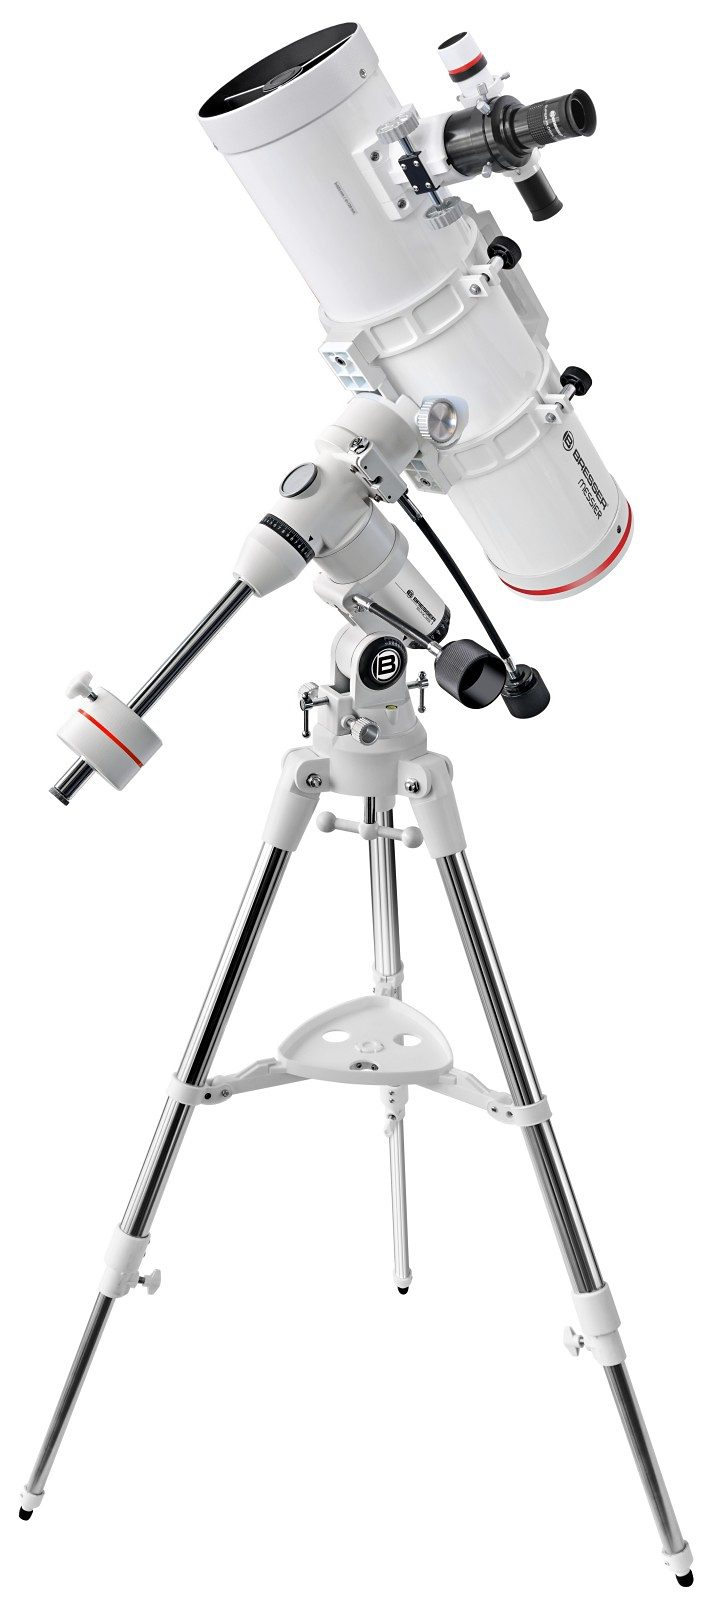 BRESSER Teleskop »BRESSER Messier NT-130/650 parab. EXOS-1/EQ4«